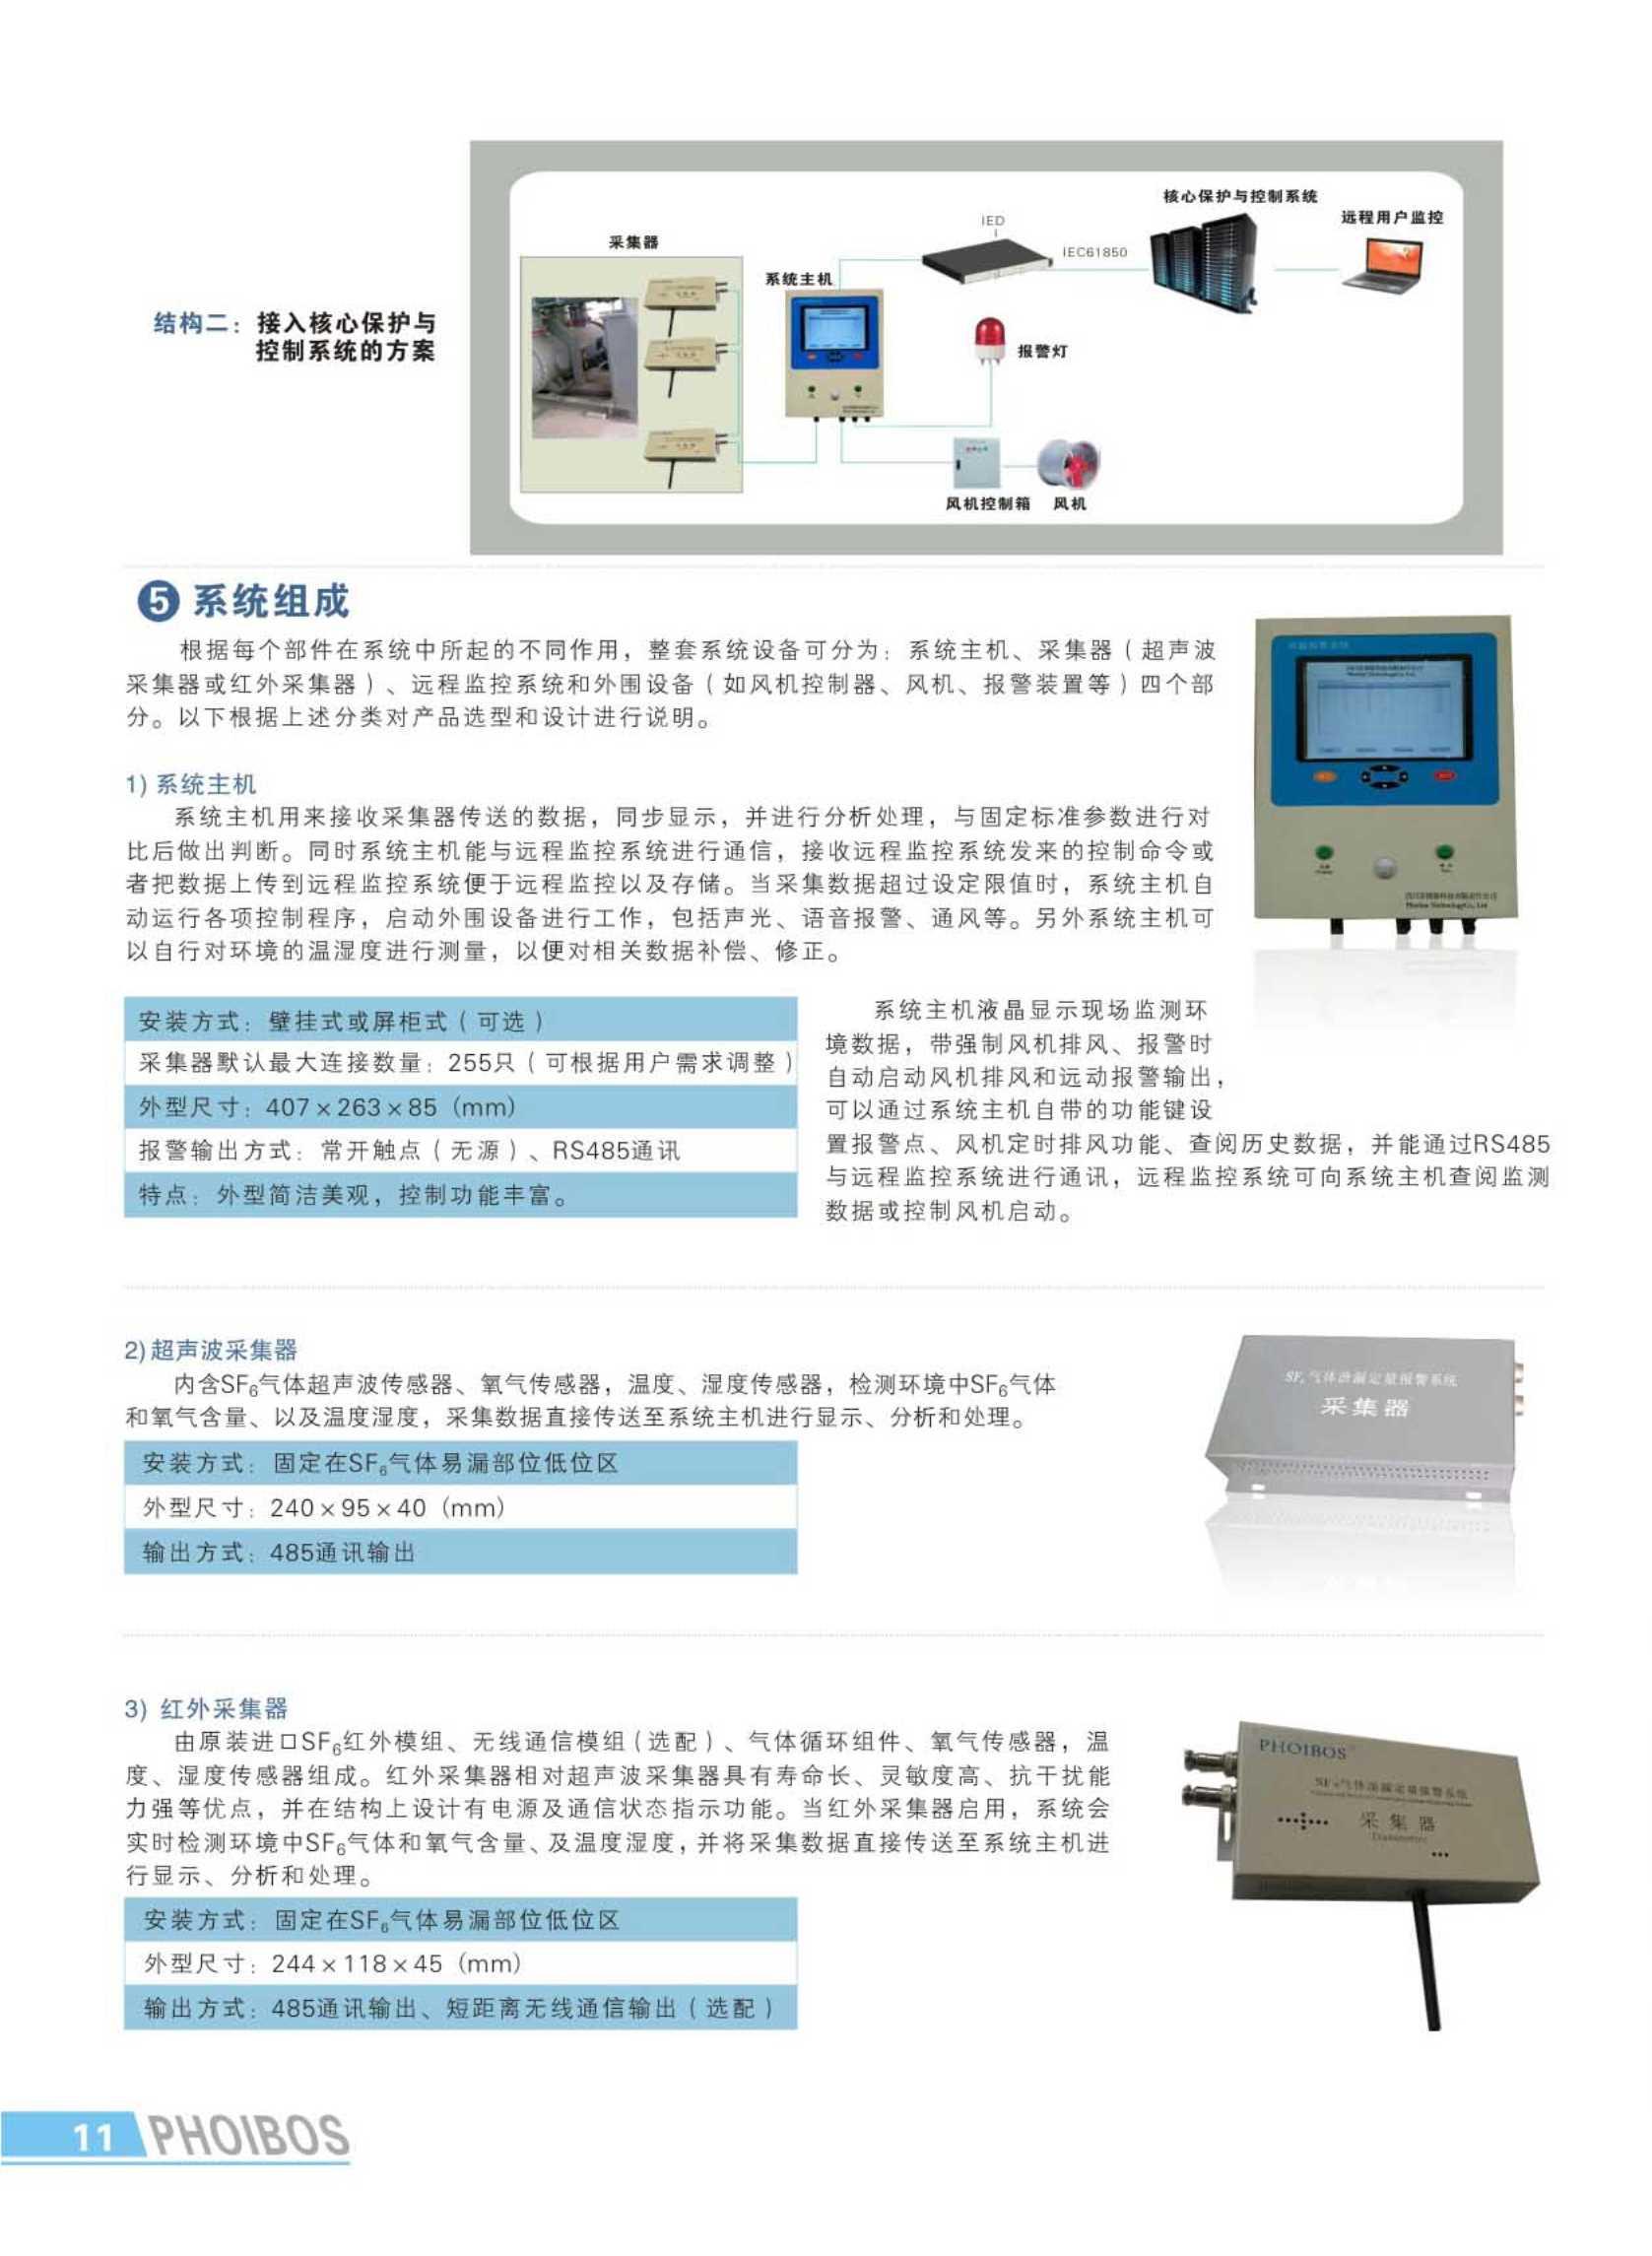 2015年GIS综合在线监测系统产品资料_12.Png